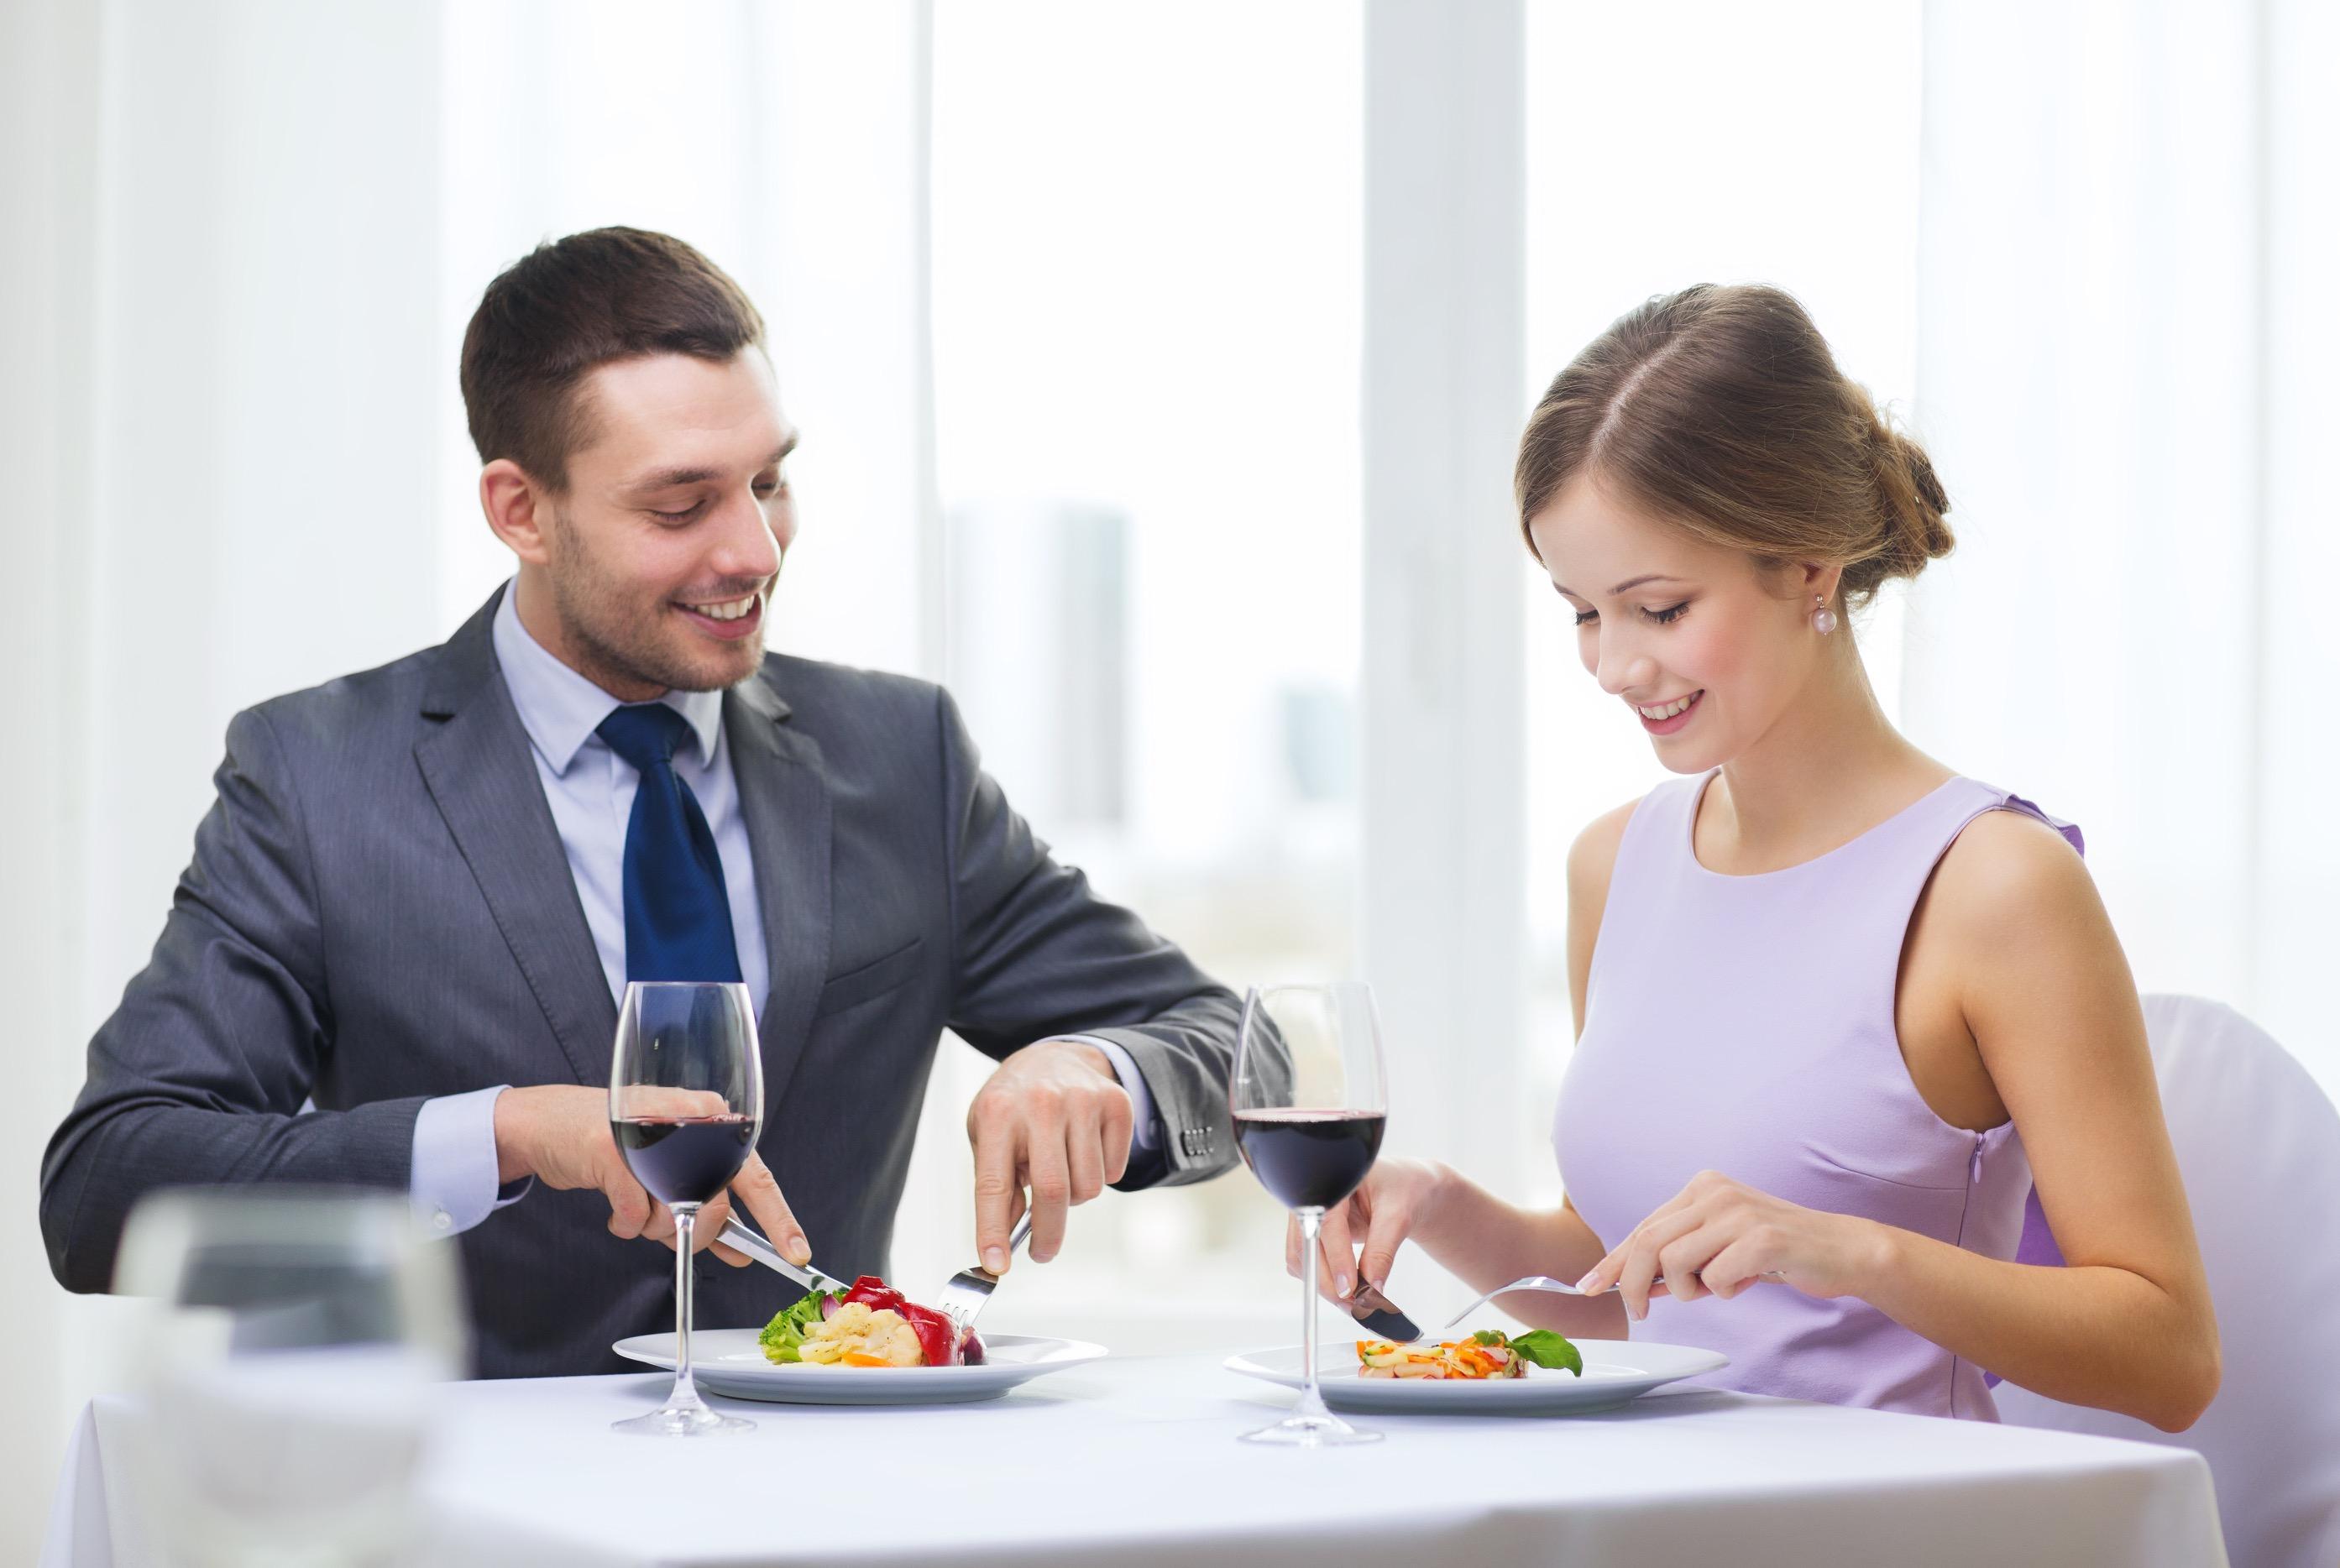 デートでワインを飲む時に覚えておきたいマナー集